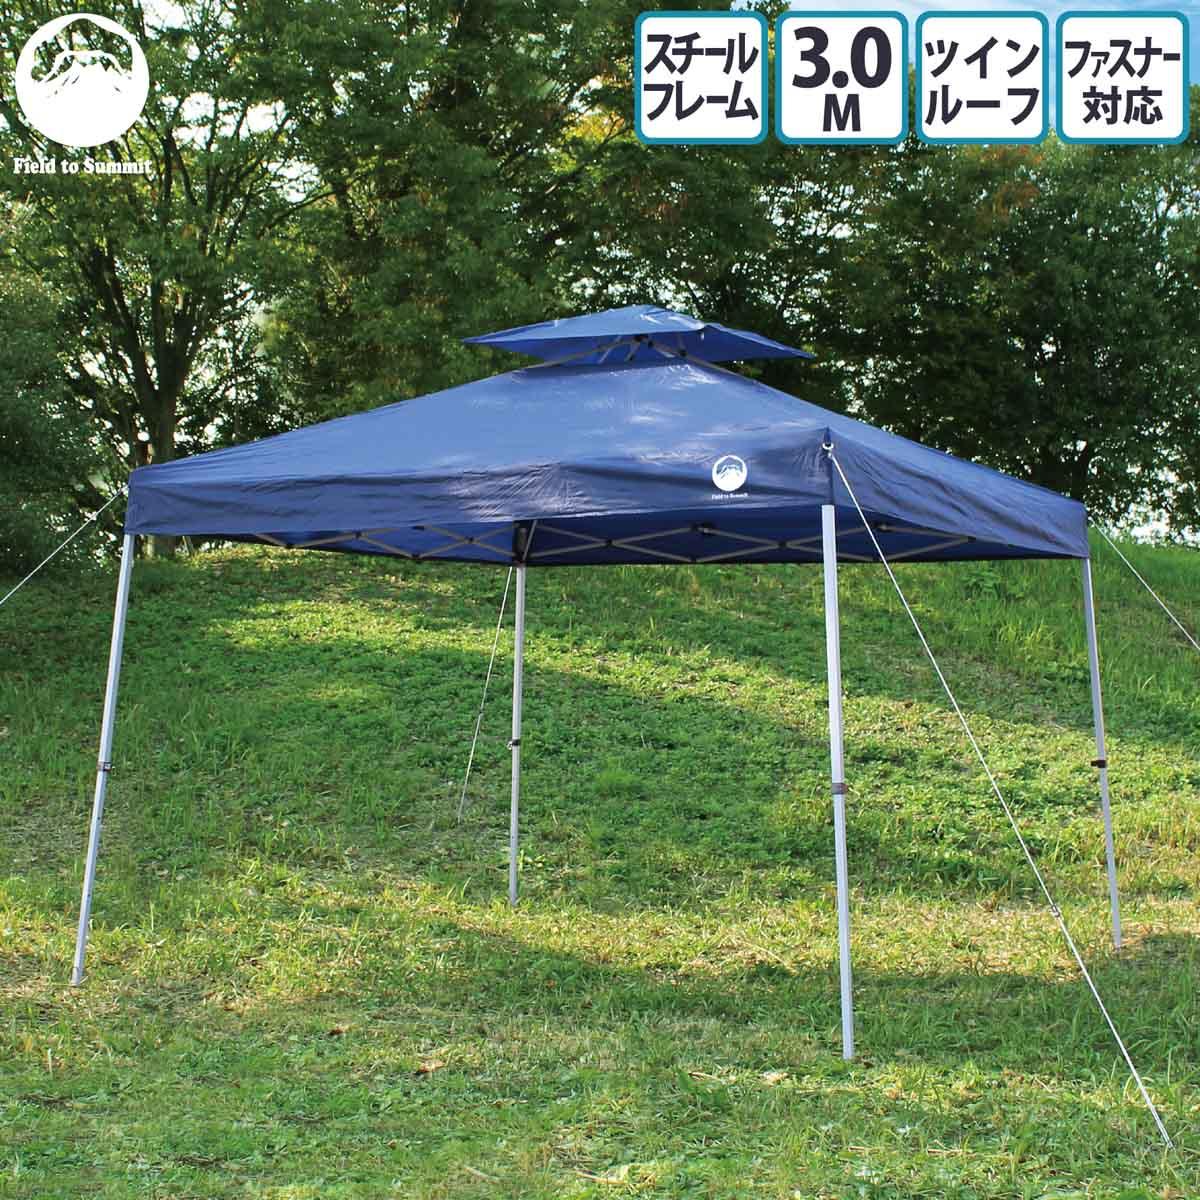 【送料無料】 Field to Summit ワンタッチテント300 3Mx3Mサイズ ツインルーフ 丈夫なスチール製 キャスター付きキャリーバッグ【ワンタッチツインテント スチール 簡単 タープ 自立式 日除け ガーデン キャンプ タープテント 簡易テント 3M】